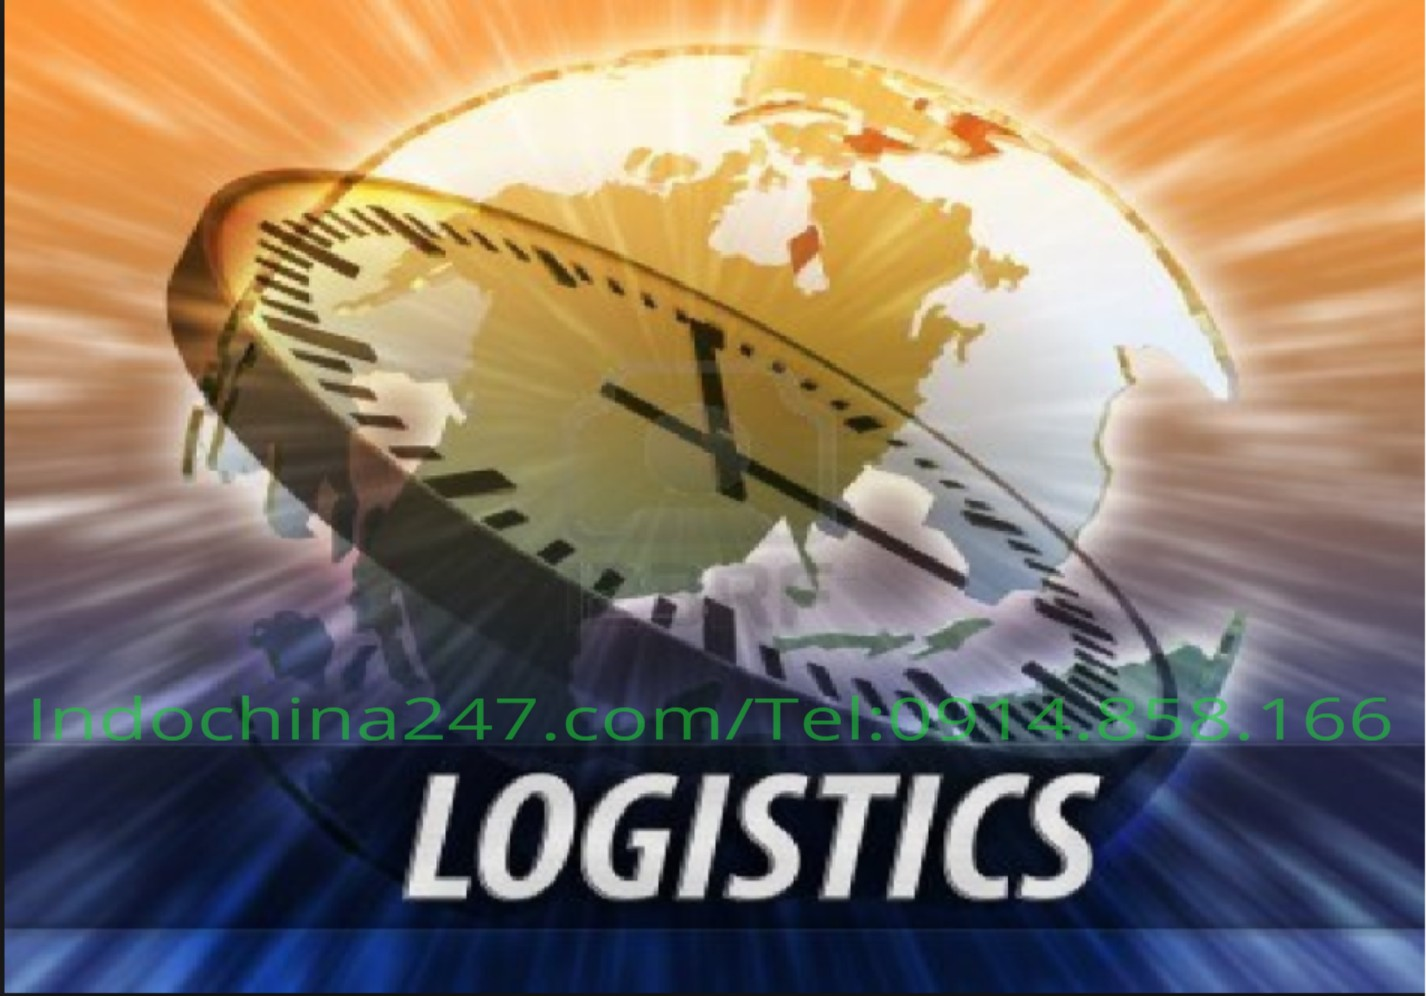 Dịch vụ vận chuyển mỹ phẩm từ Mỹ về Bình Định uy tín có bảo hành 100%